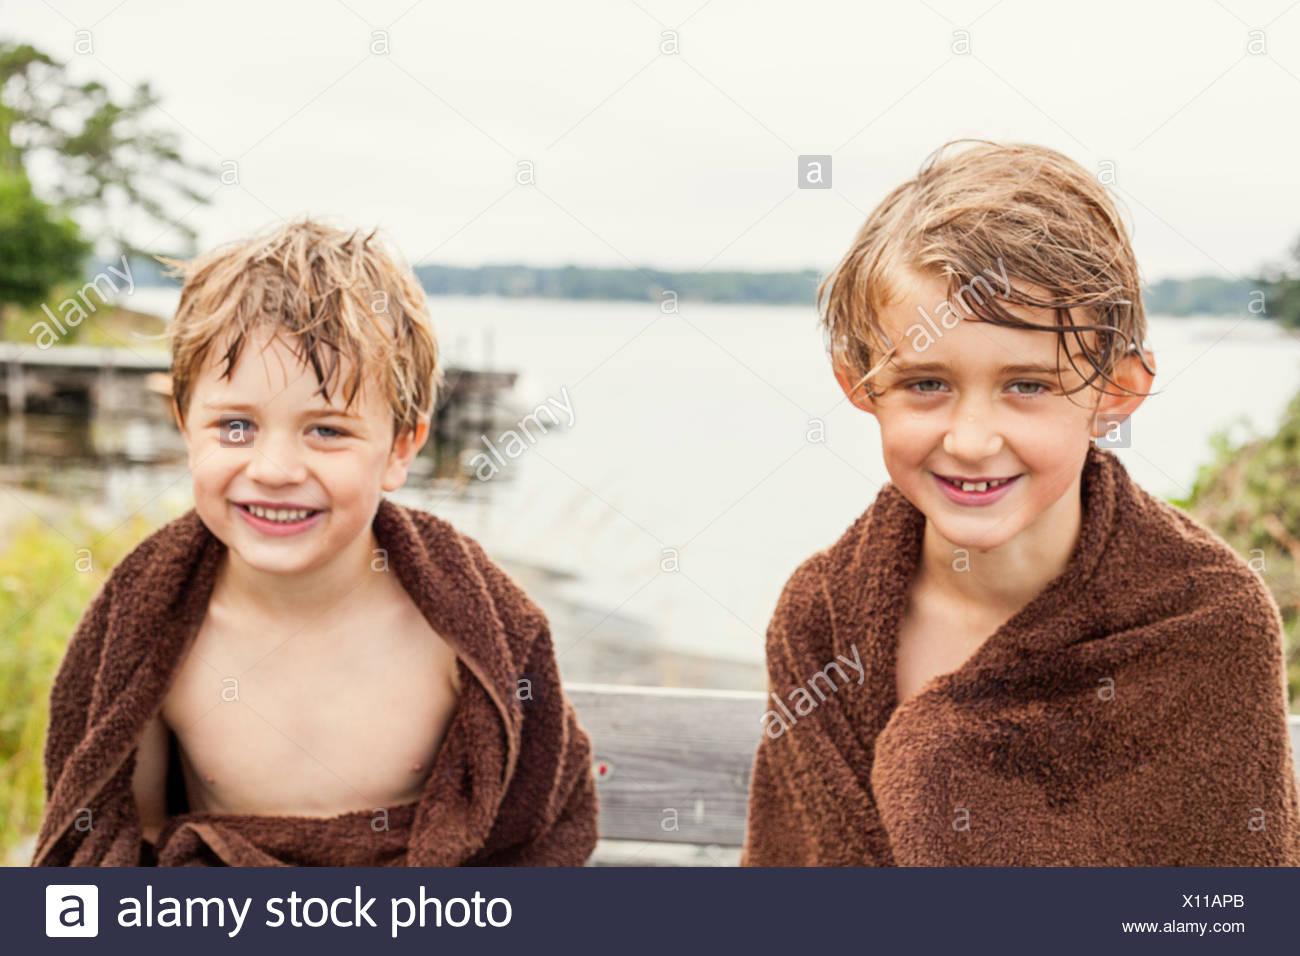 Suecia, Uppland Runmaro, Barrskar, Retrato de dos niños envueltos en toallas Imagen De Stock